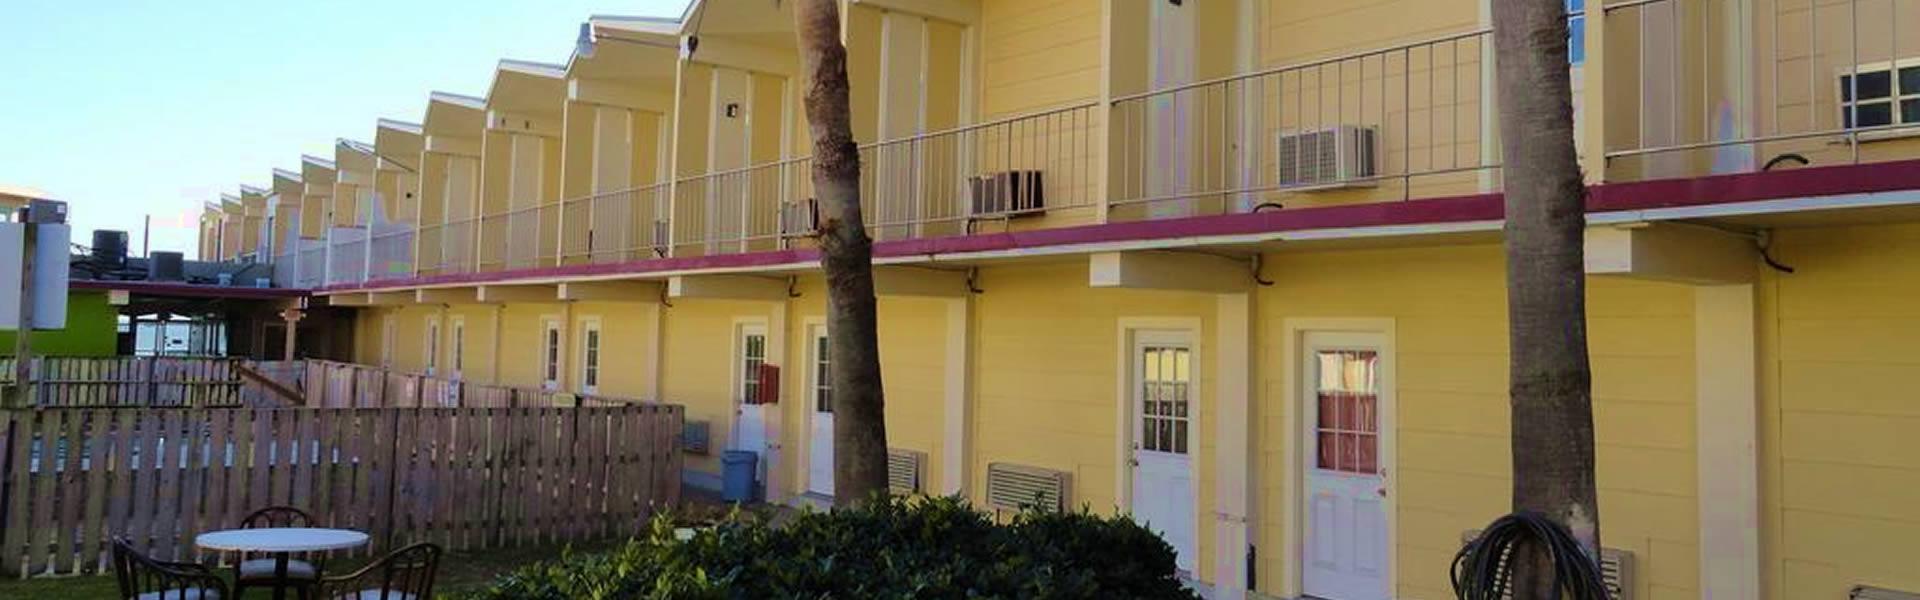 Pearl Inn, Galveston